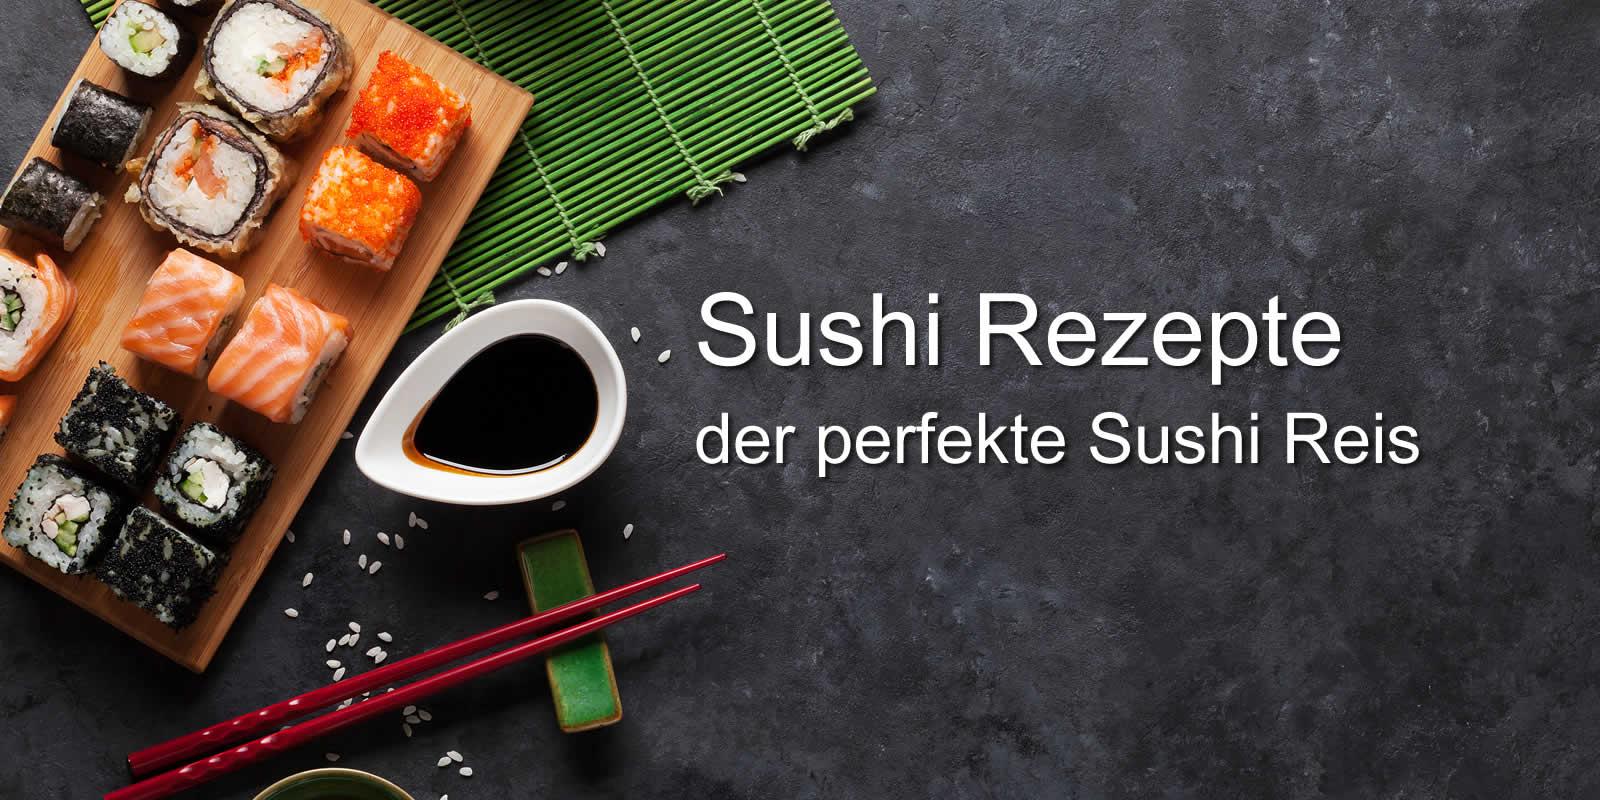 Sushi Rezept - Perfekter Sushi Reis